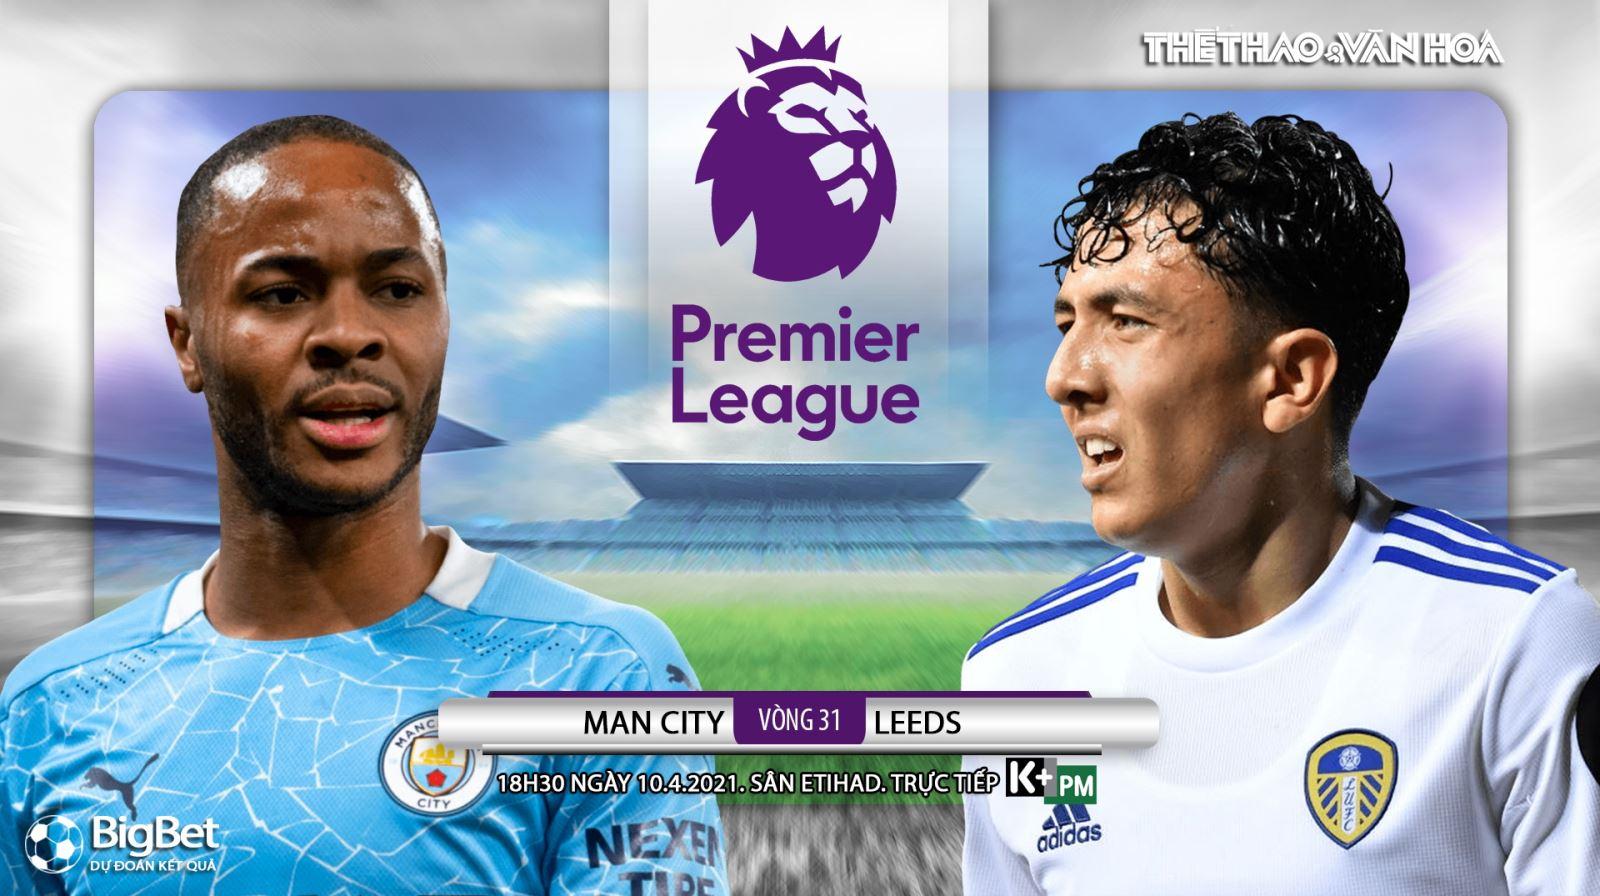 Soi kèo nhà cáiMan City vs Leeds. K+PM trực tiếp bóng đá Ngoại hạng Anh